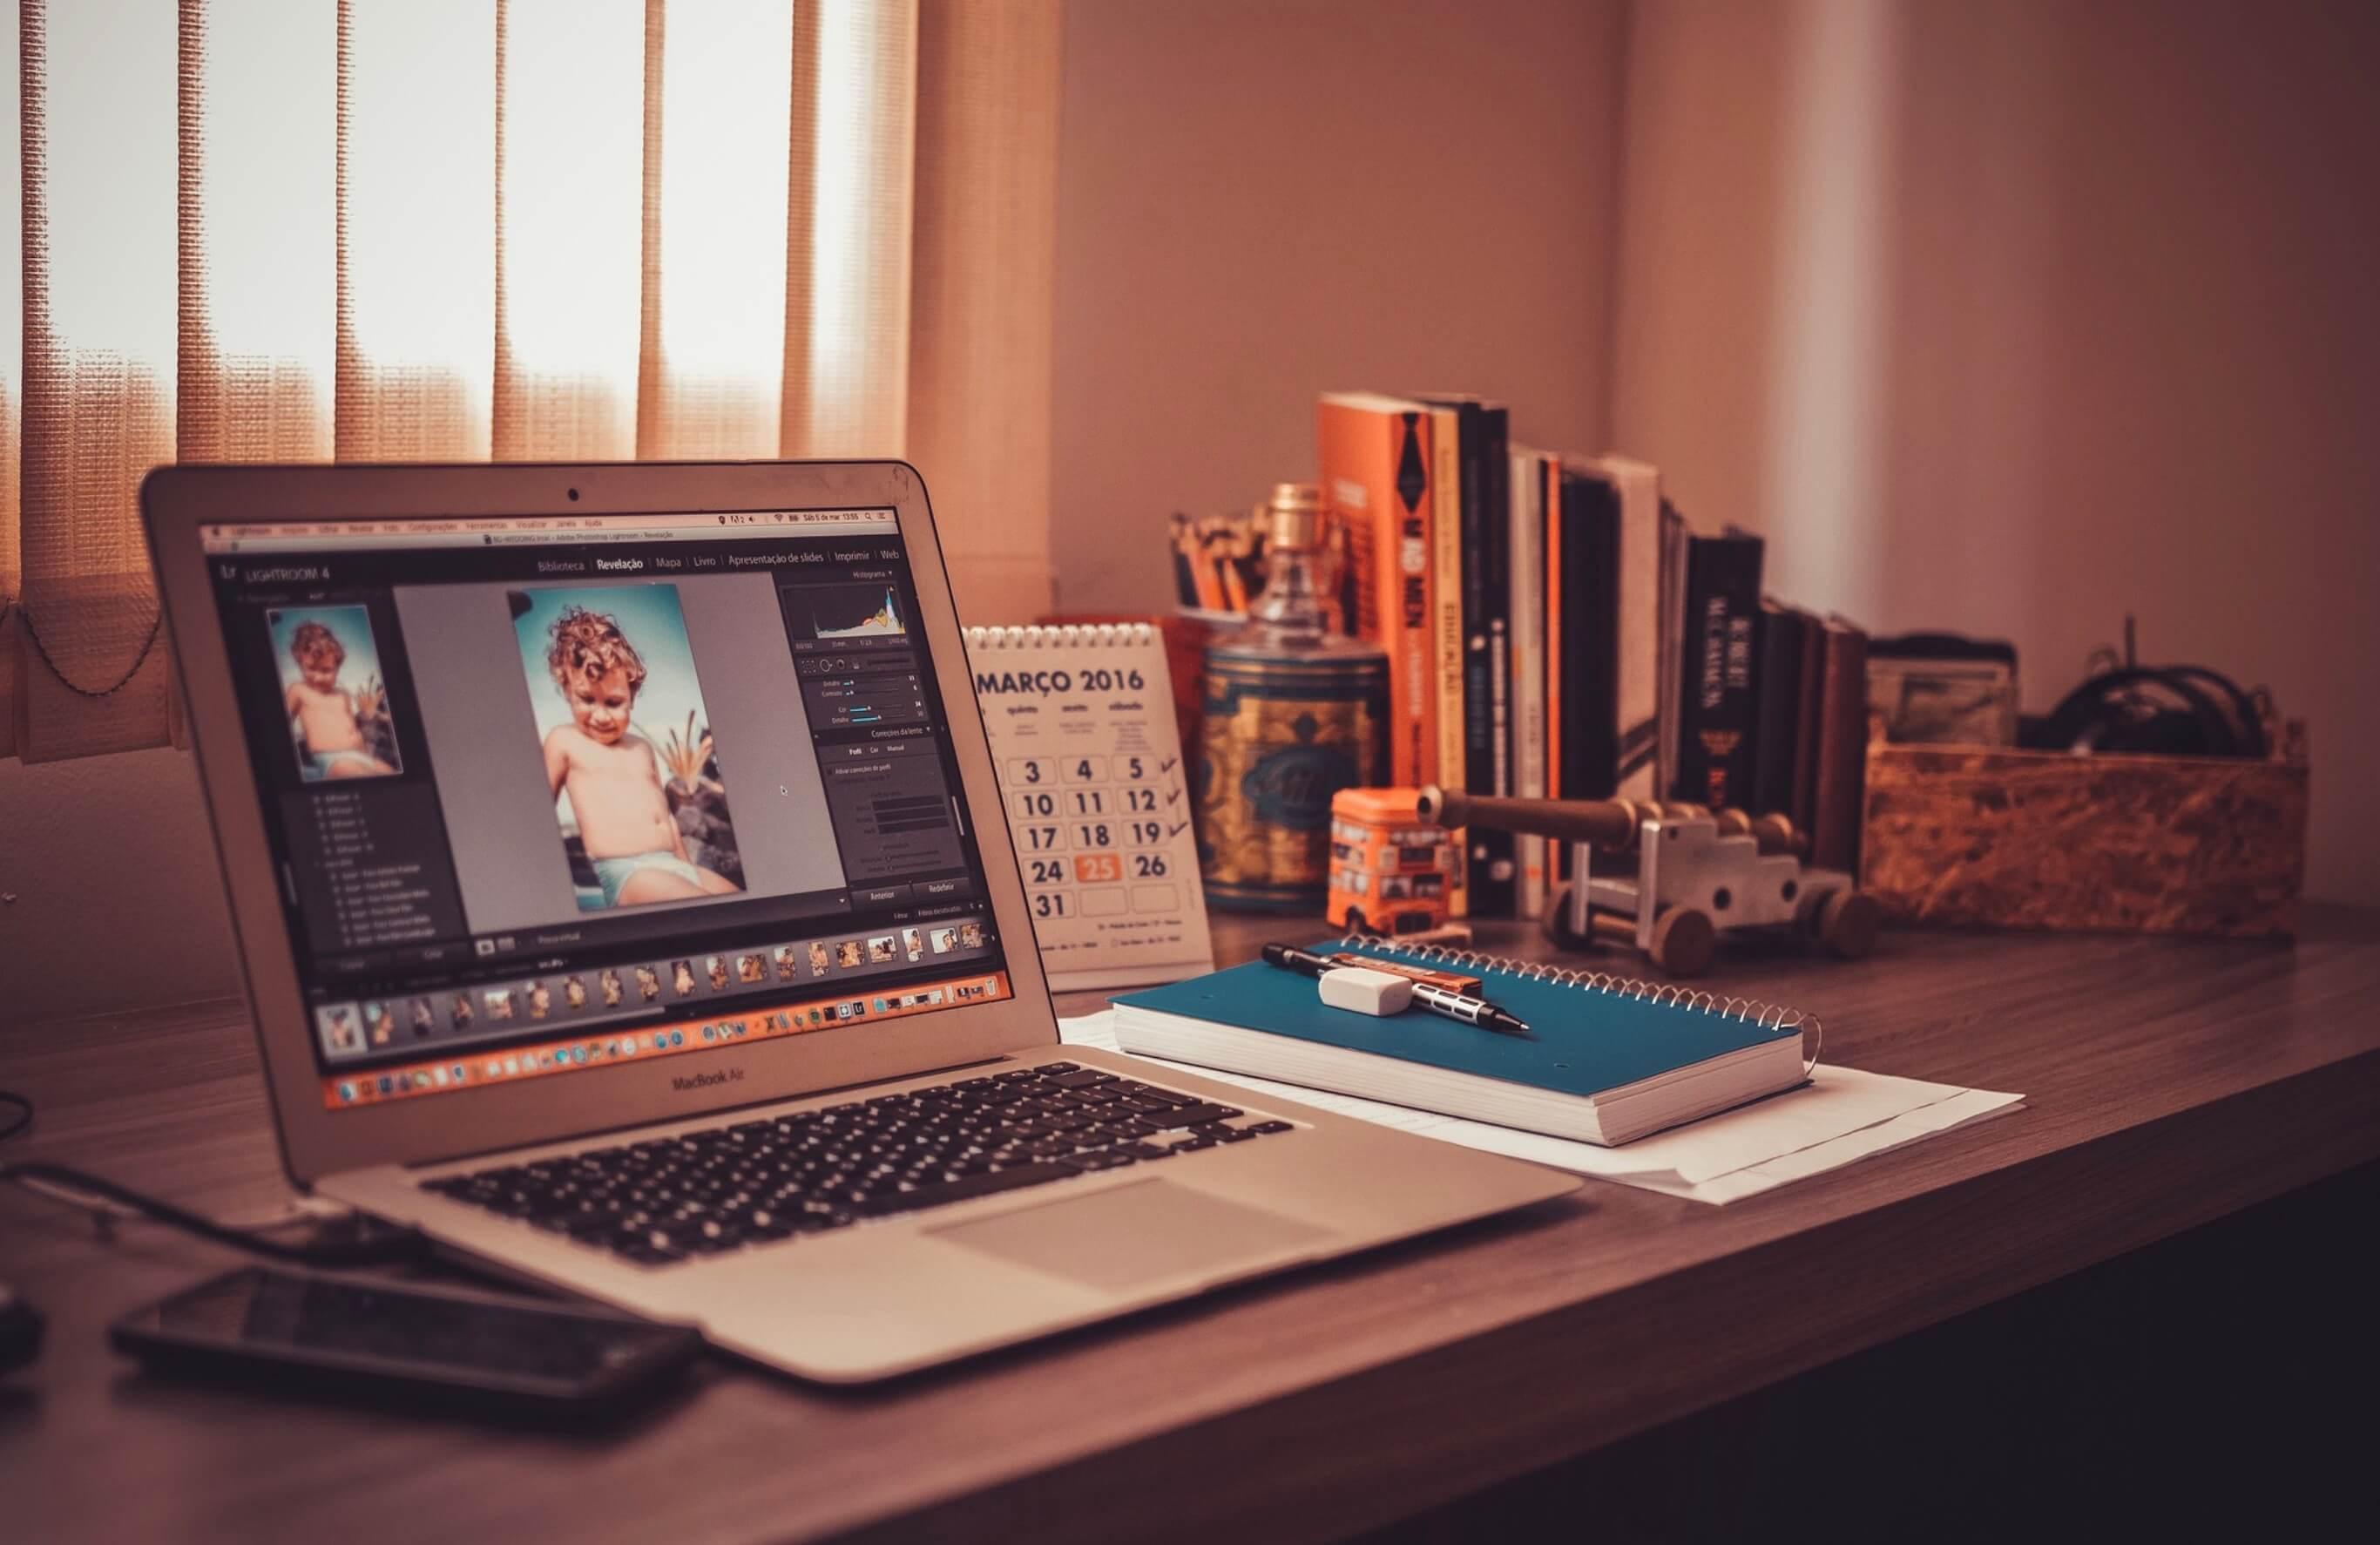 Dein neues MacBook hat zu wenig Speicherplatz – Lösungen um damit zurecht zu kommen